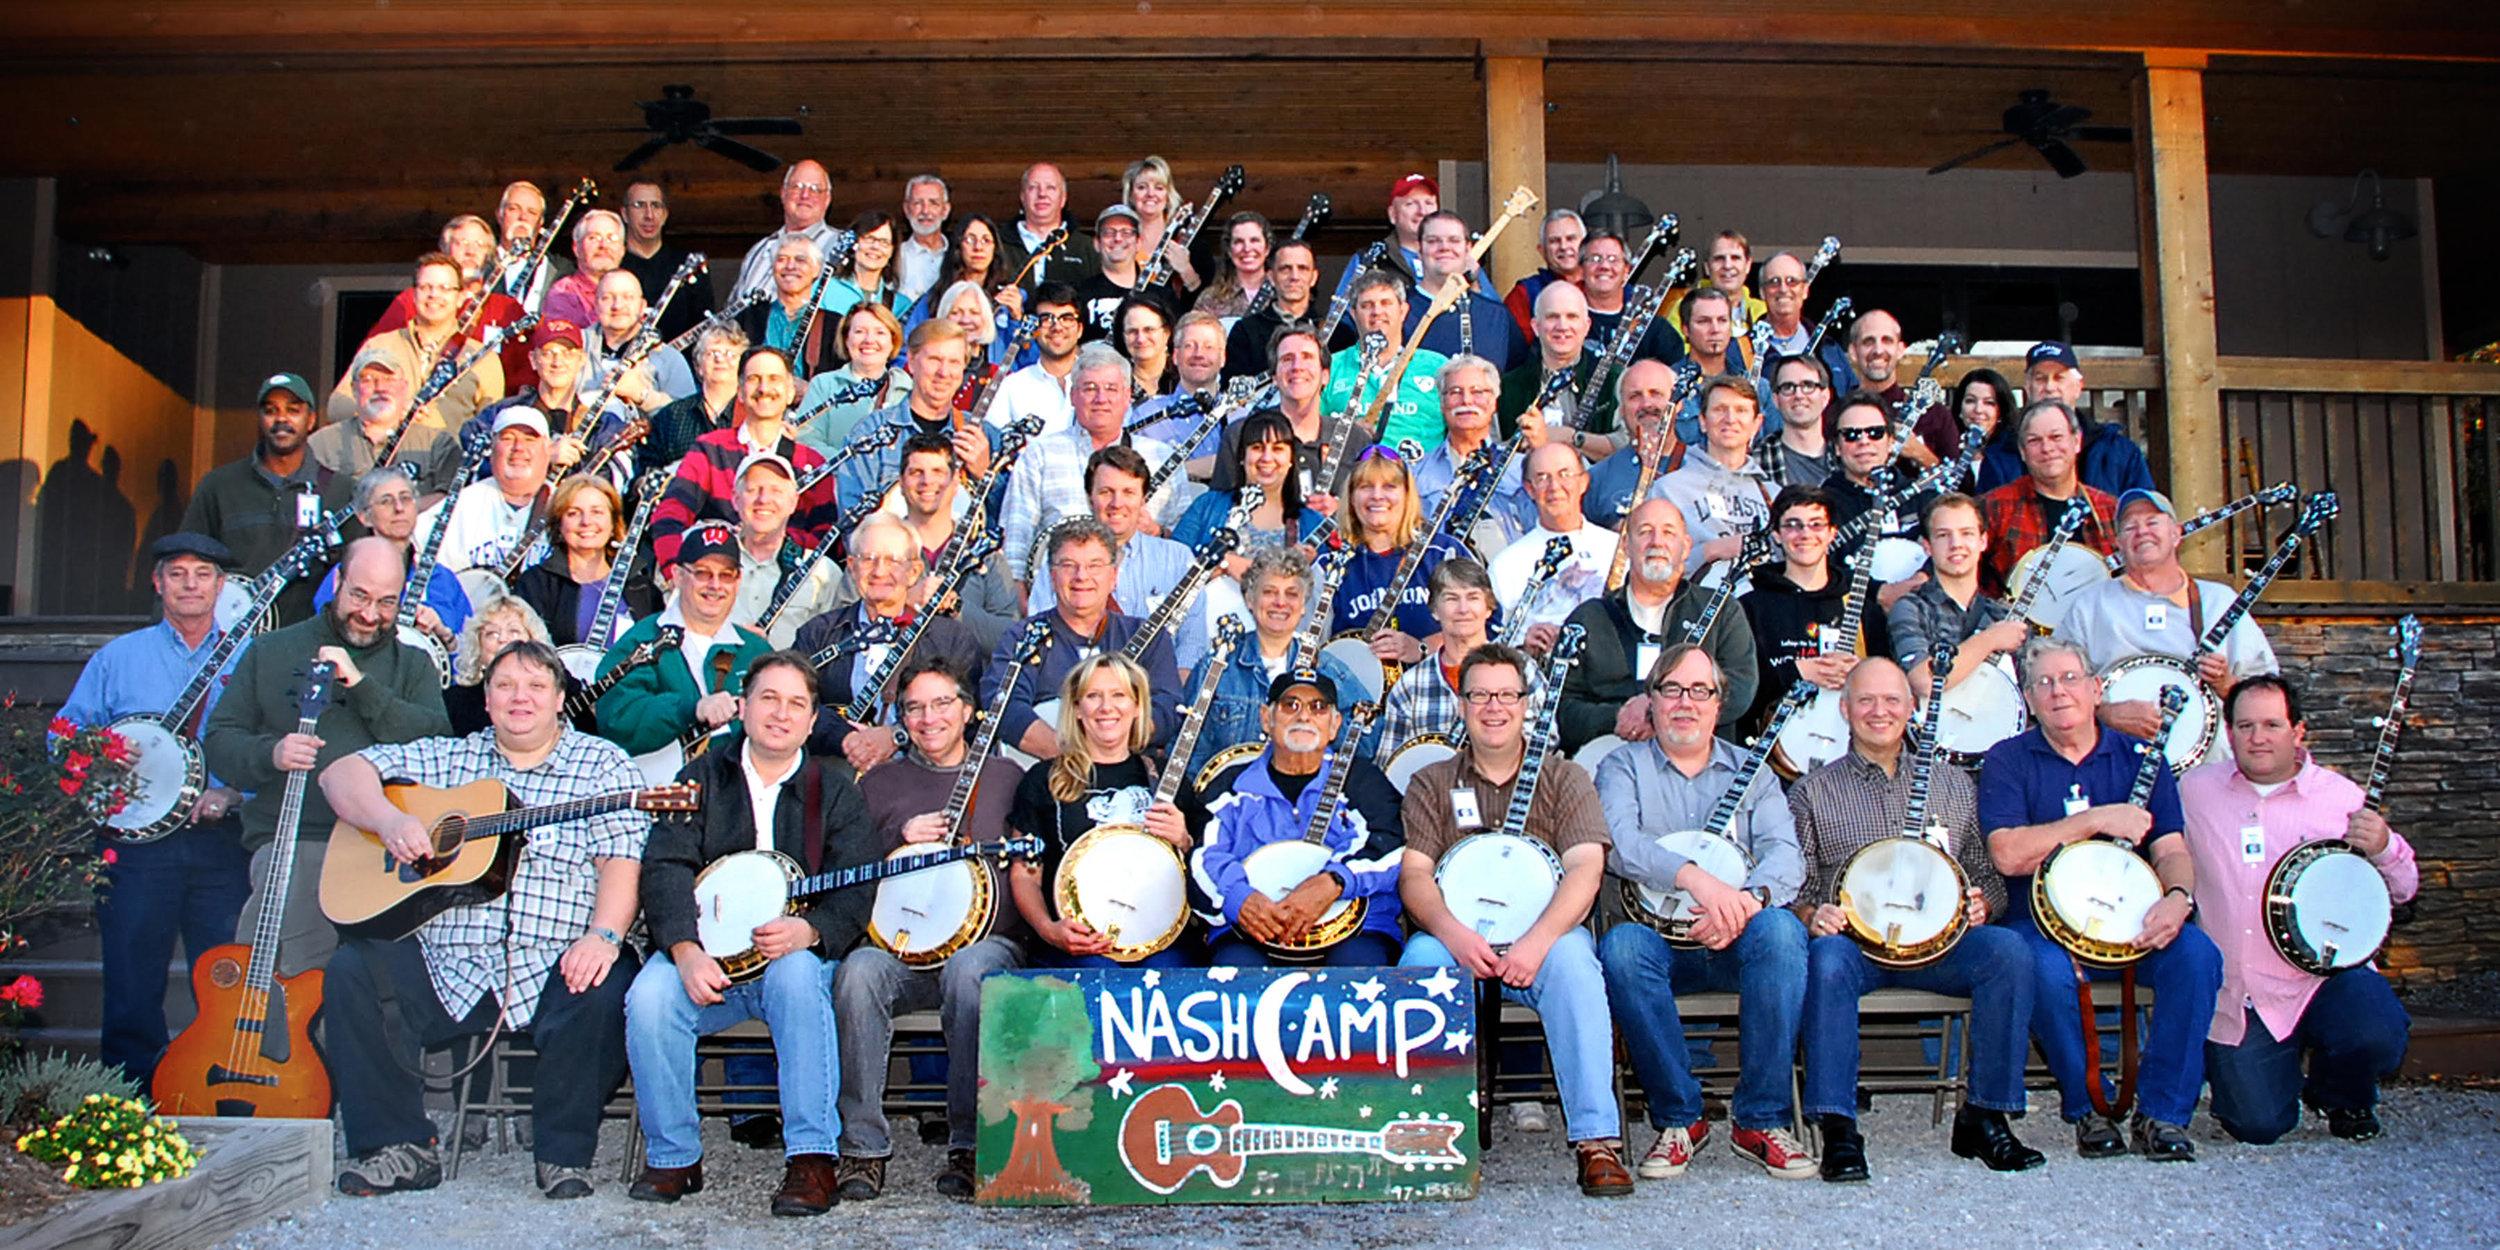 Nashfest 2011